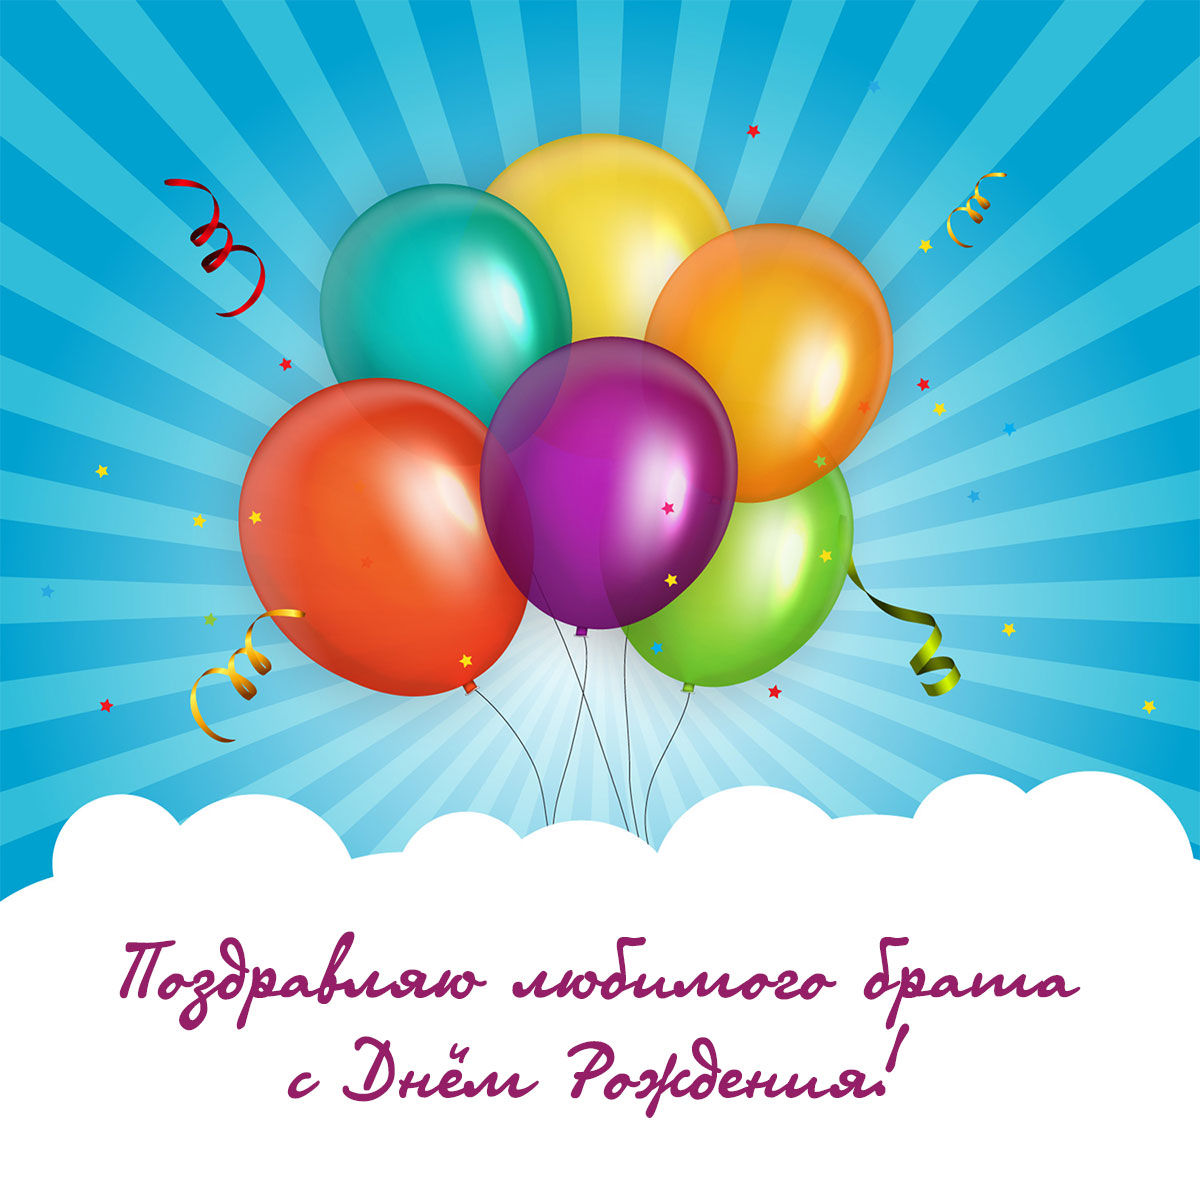 Картинка с текстом - открытка с днем рождения брата: разноцветные воздушные шары на сине - голубом фоне.